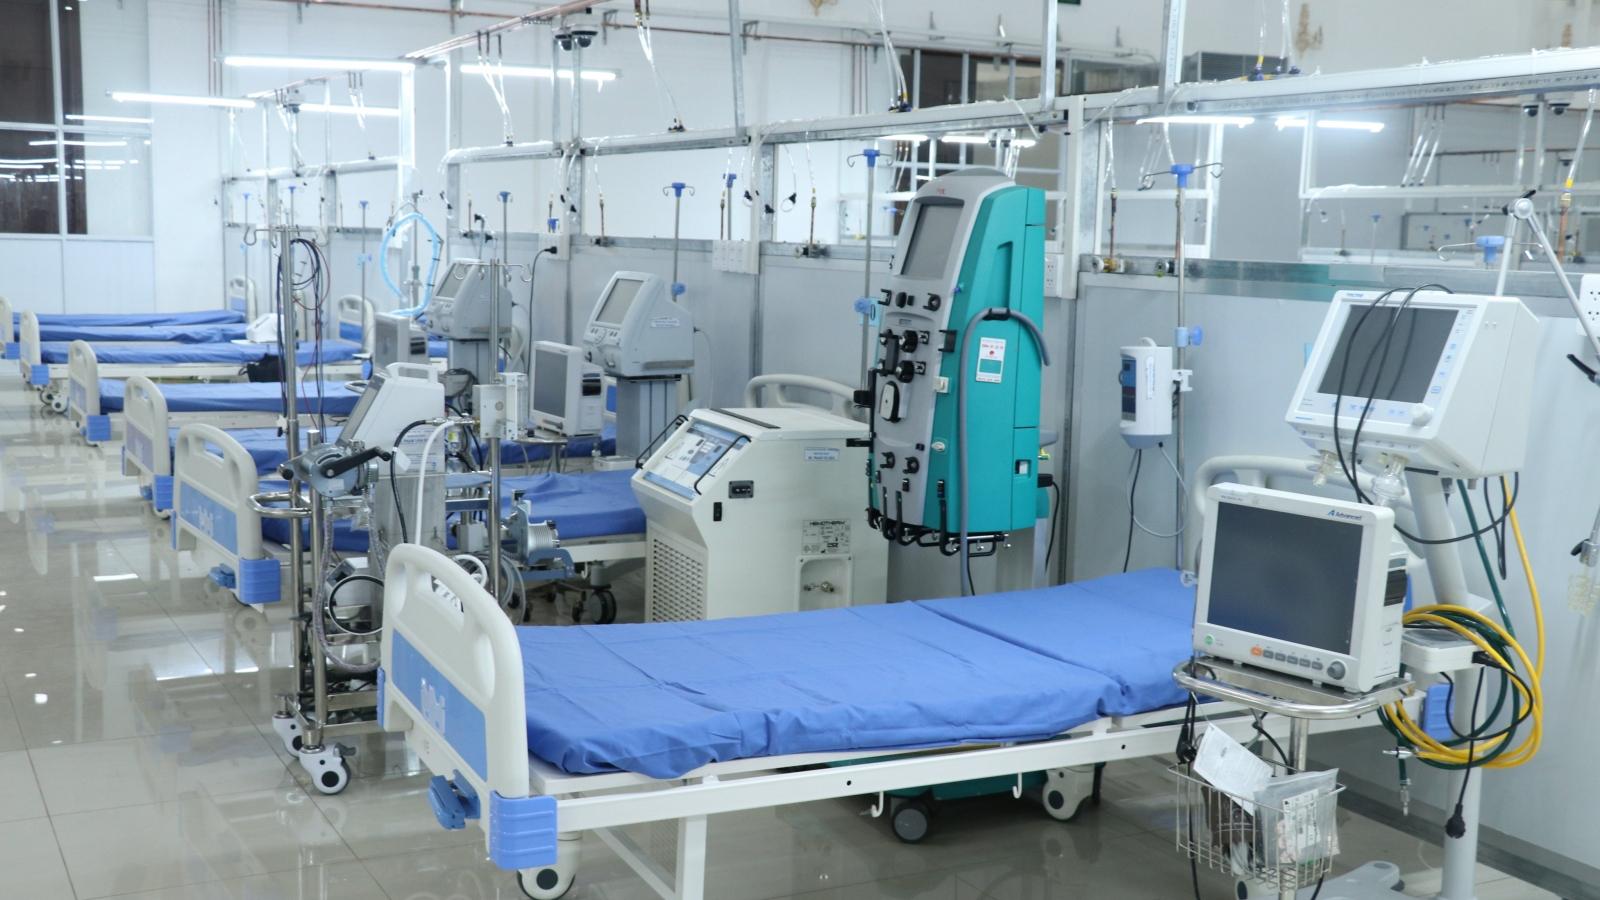 Long An đưa vào hoạt động Trung tâm điều trị Covid-19 nặng và nguy kịch